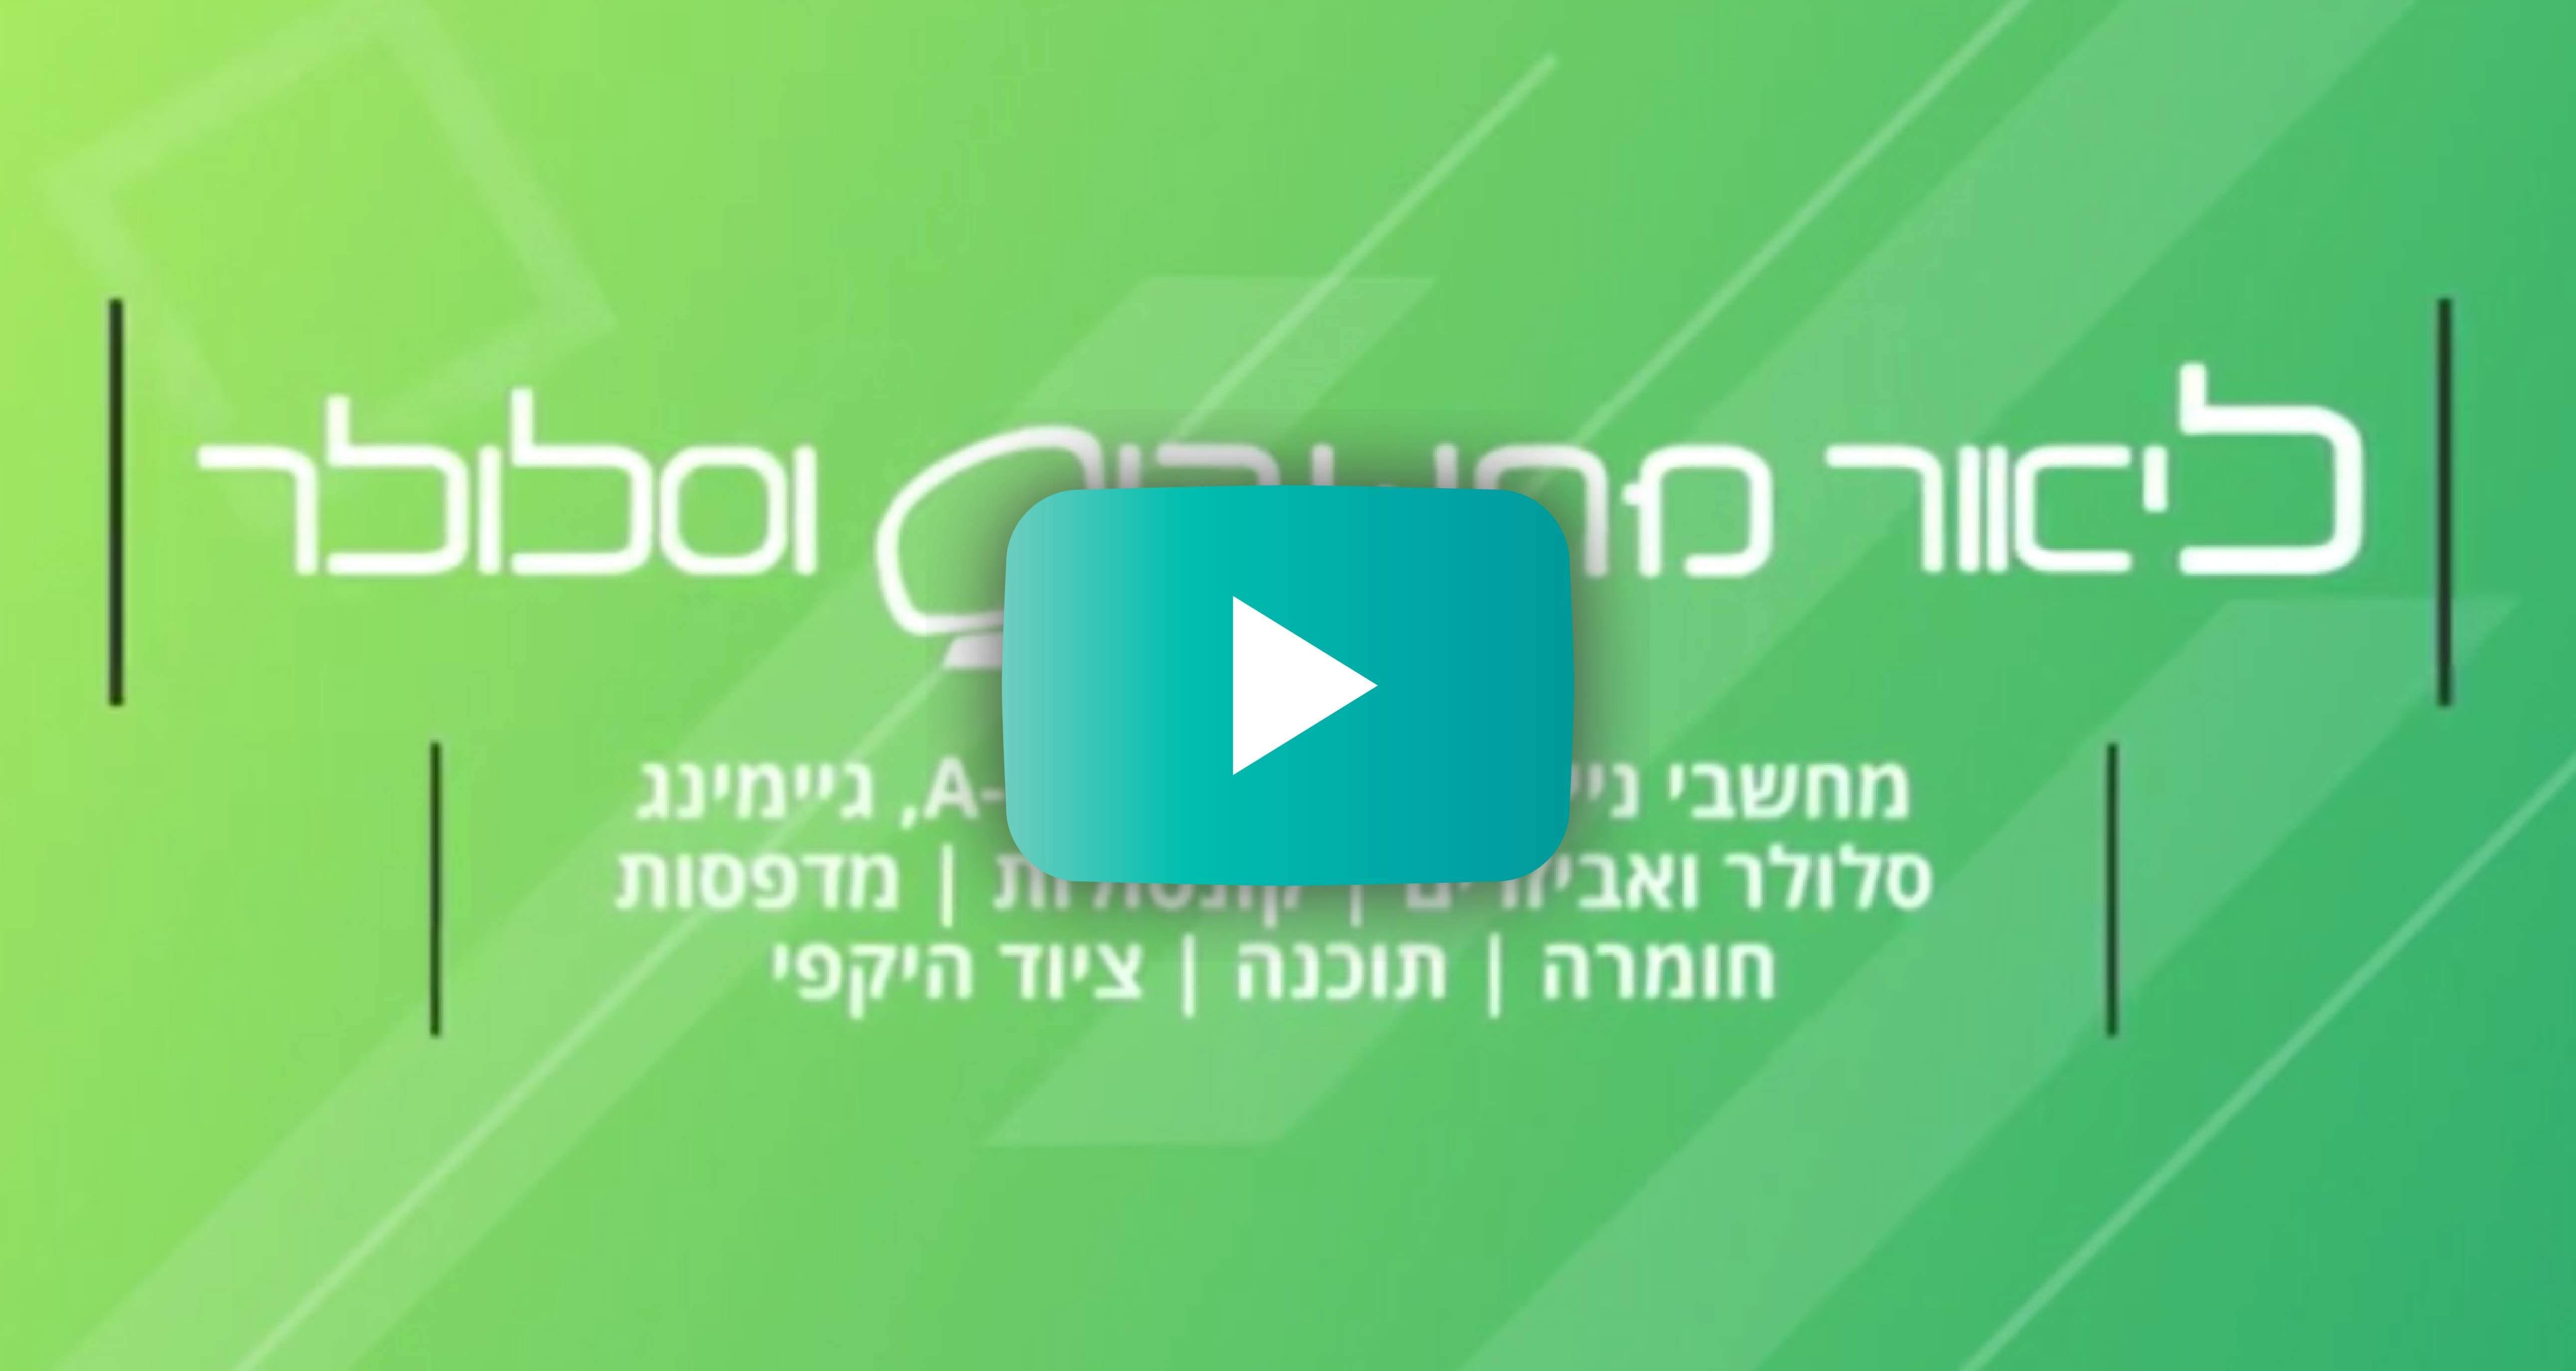 הפקת וידאו - סרטון ליאור מחשבים